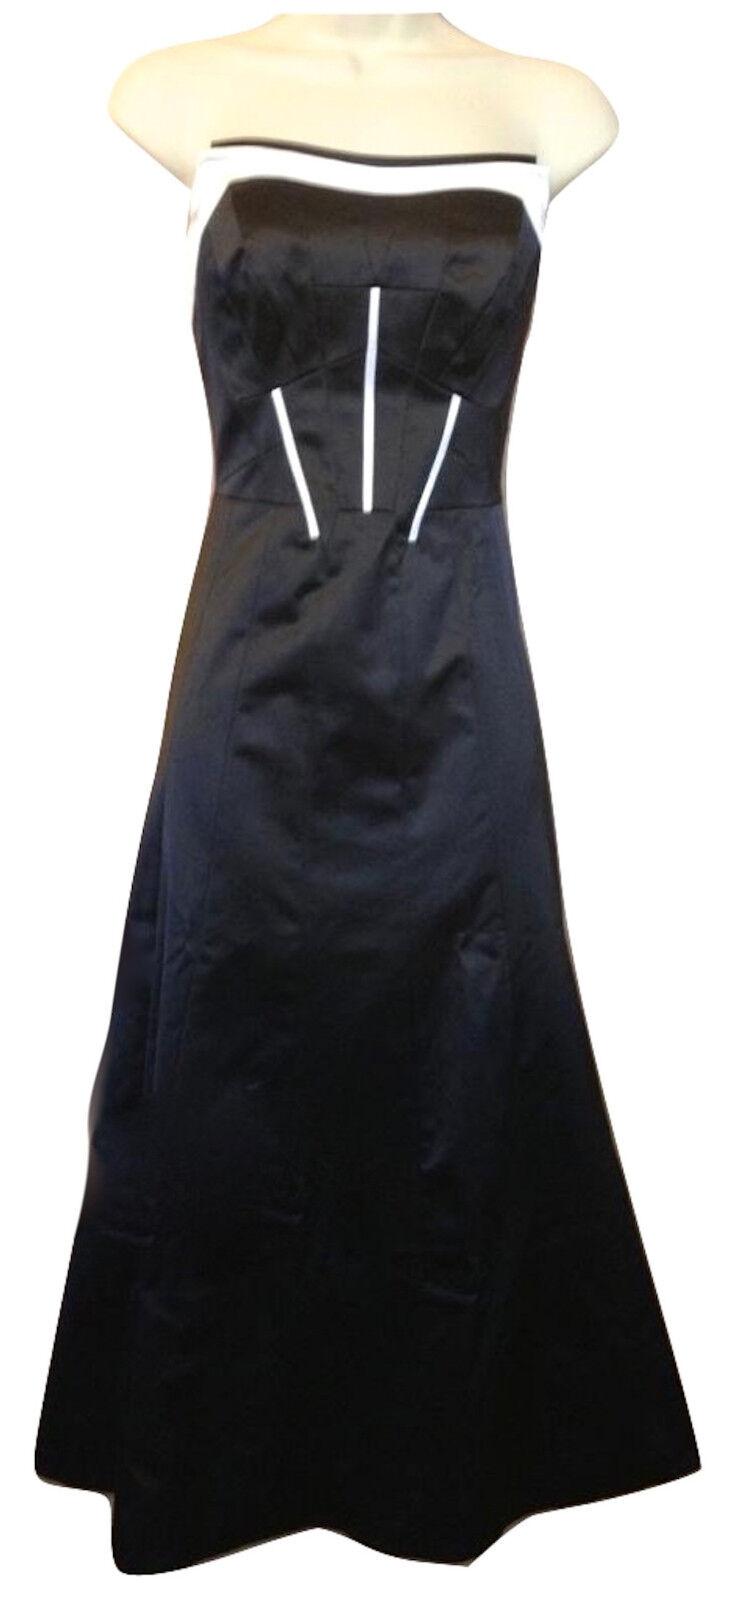 Karen Millen 50s Jahre Kleid schwarz Weiß Trägerlos Midi Länge Abend Cocktail